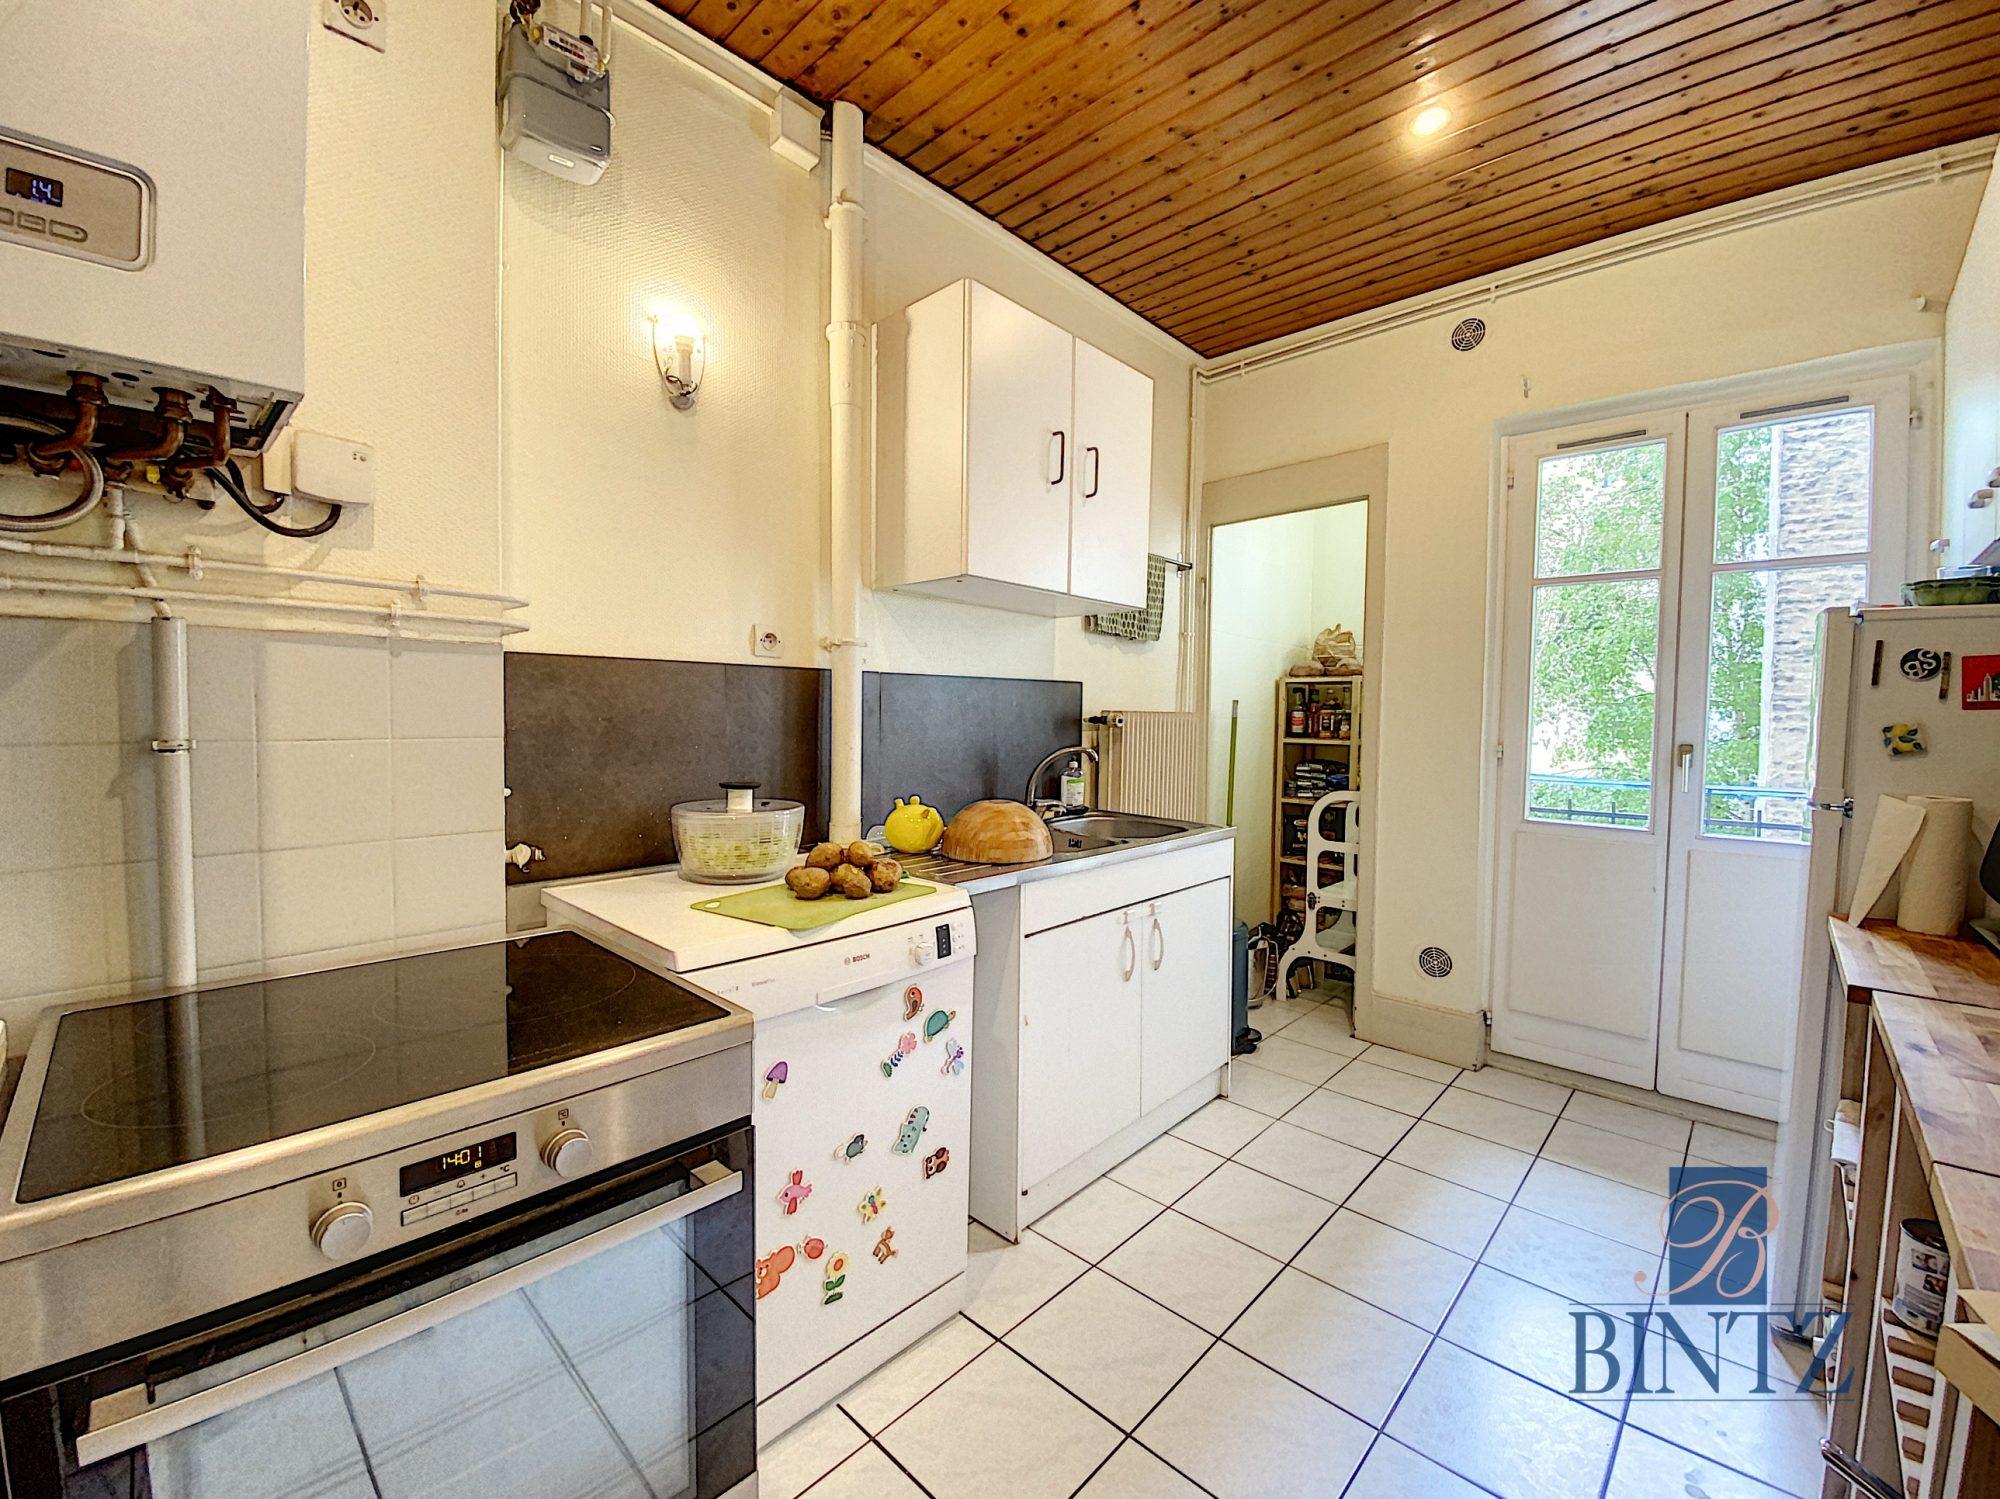 T4 PROCHE ORANGERIE - Devenez locataire en toute sérénité - Bintz Immobilier - 11